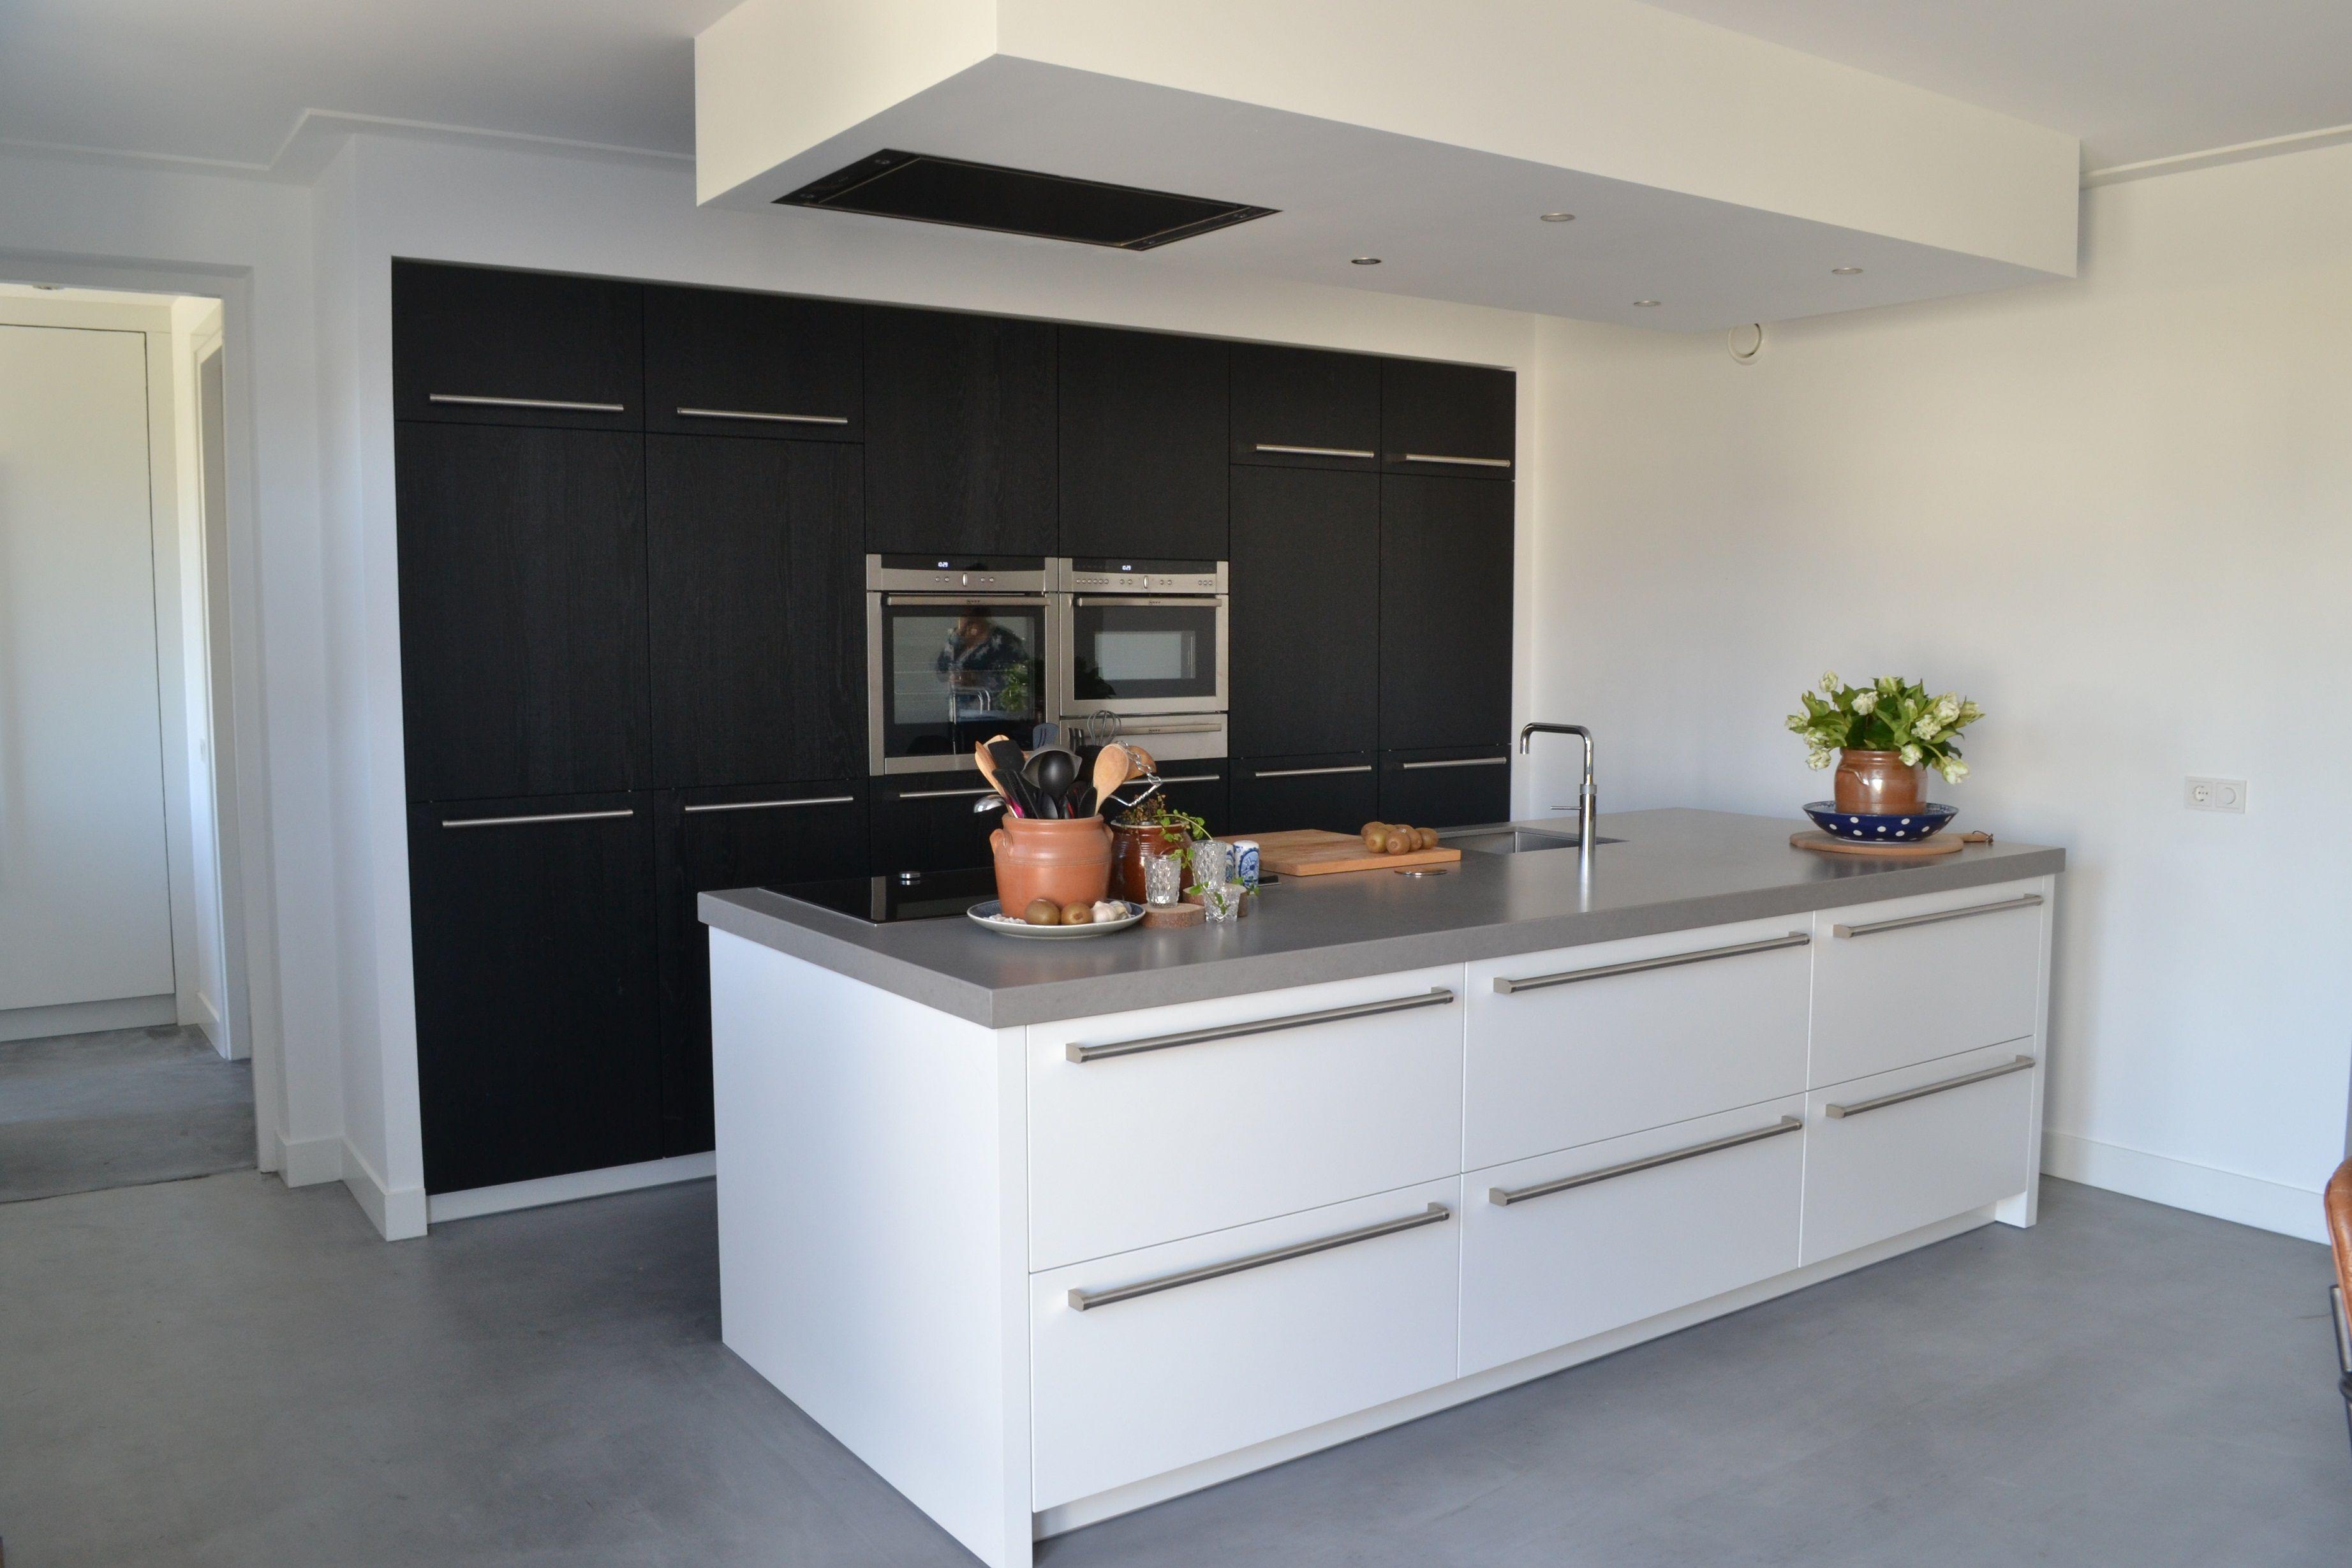 Zwart Scandinavisch Keuken : Wit met zwarte keuken en betonlook blad van ndr keukens. witte